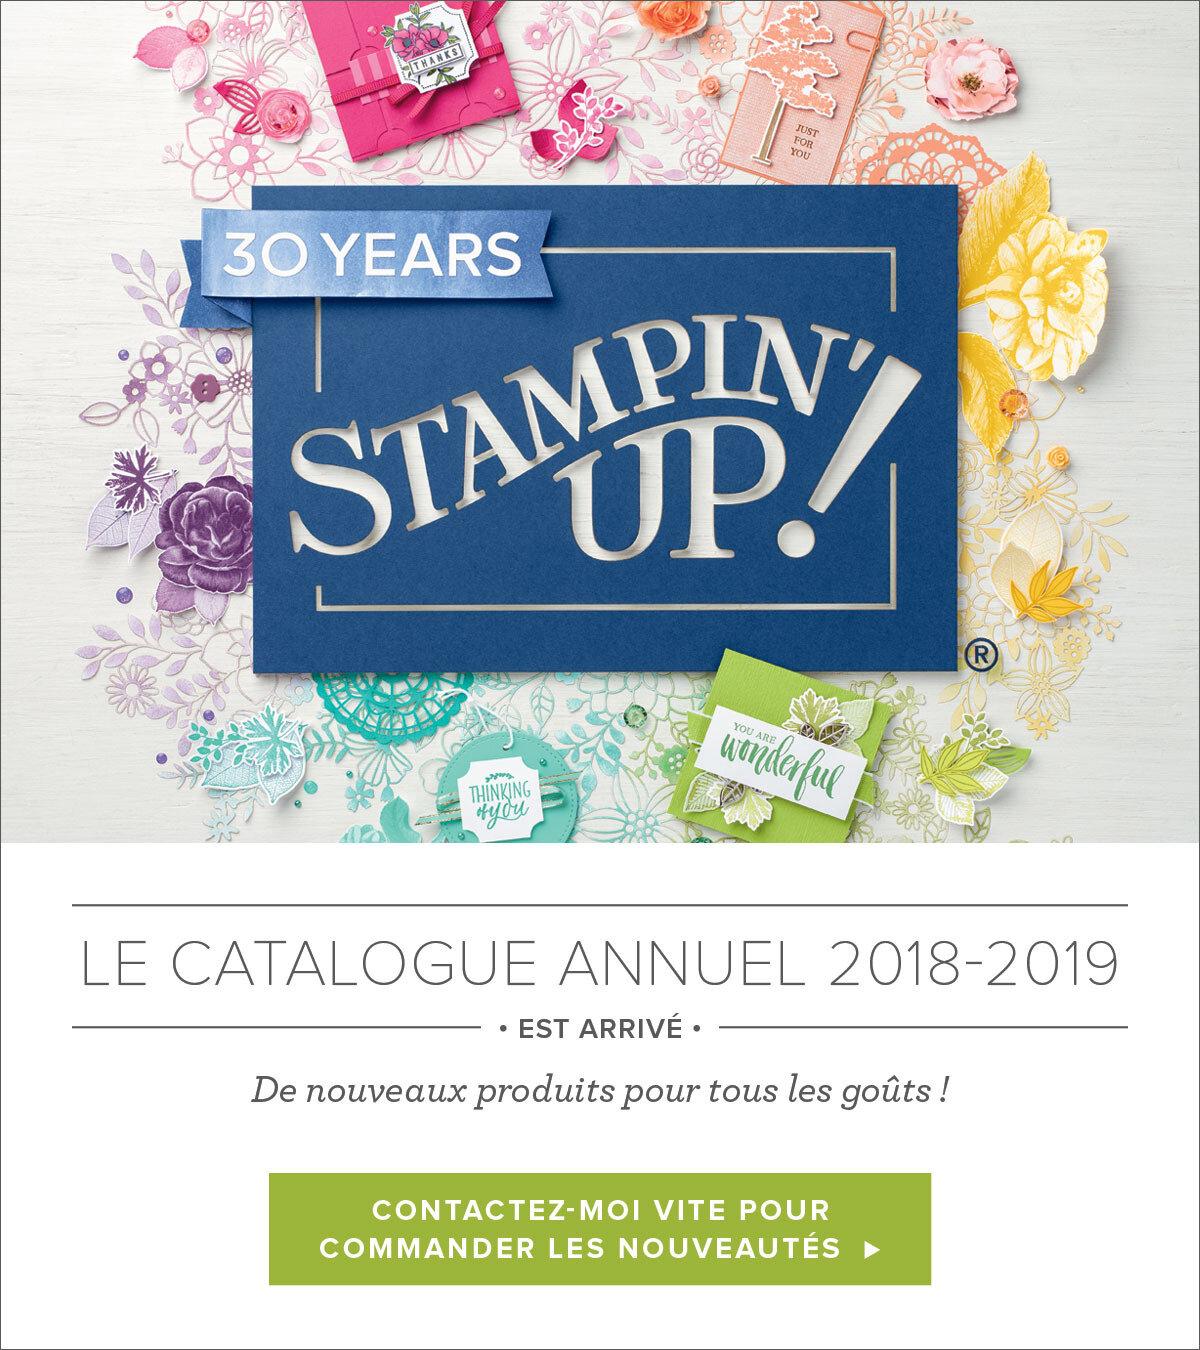 Stampin'Up ! - Le nouveau catalogue annuel est arrivé !